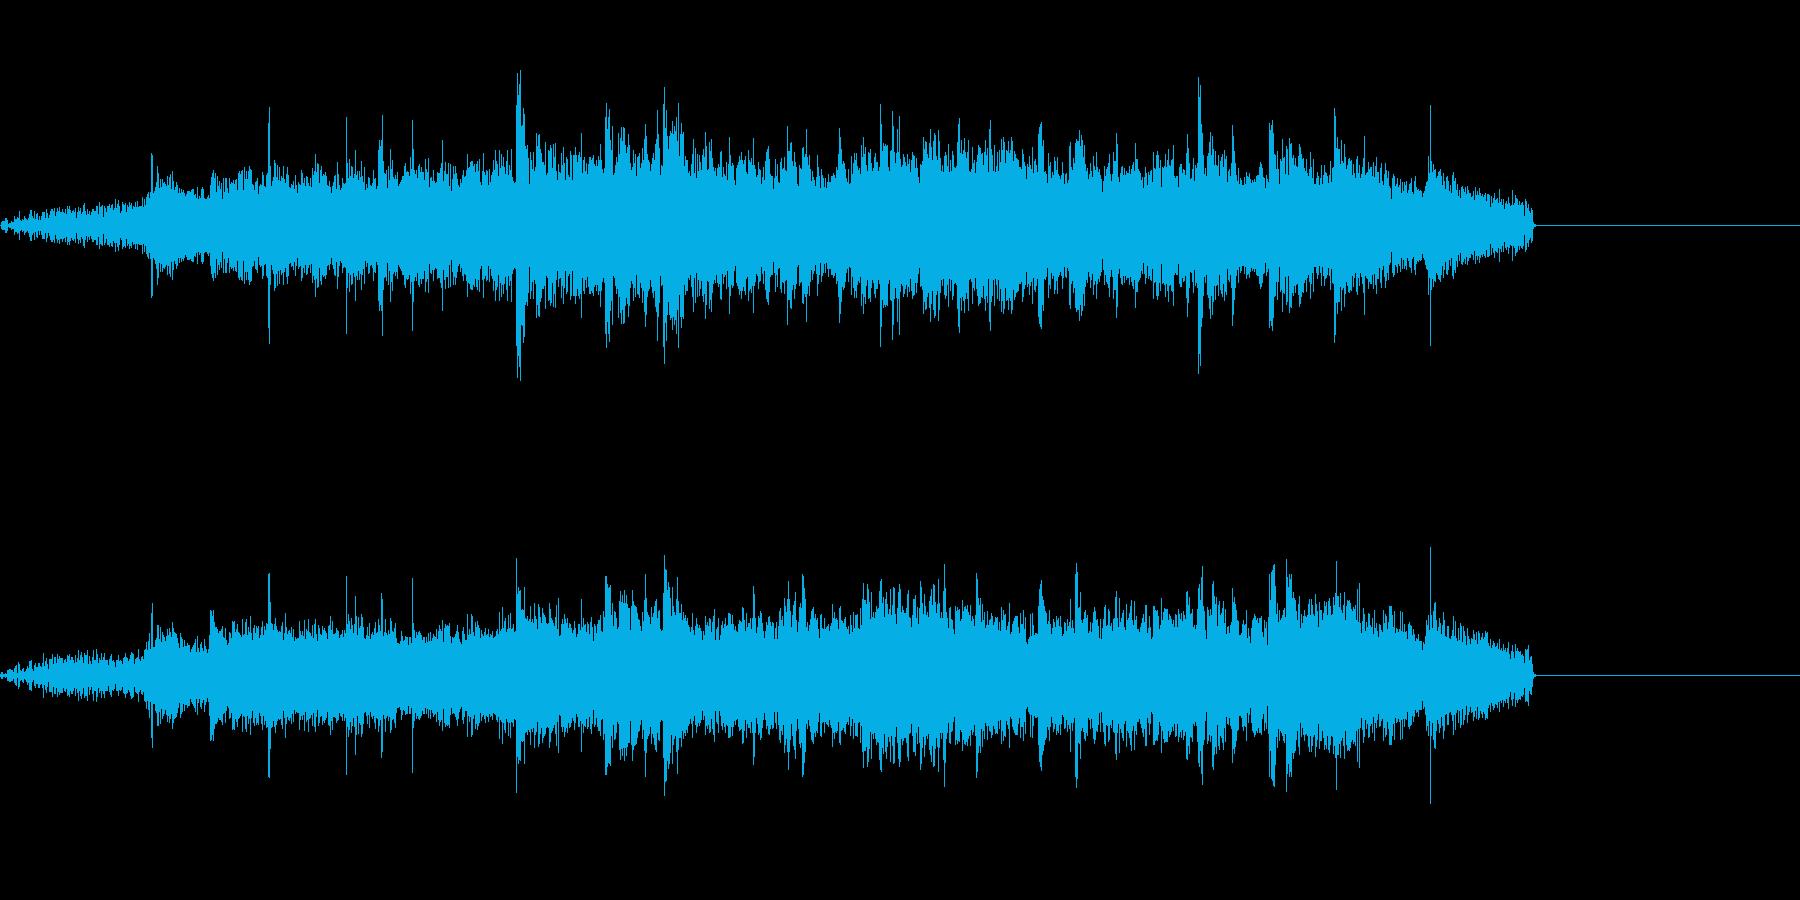 【SE 効果音】スクラッチの再生済みの波形